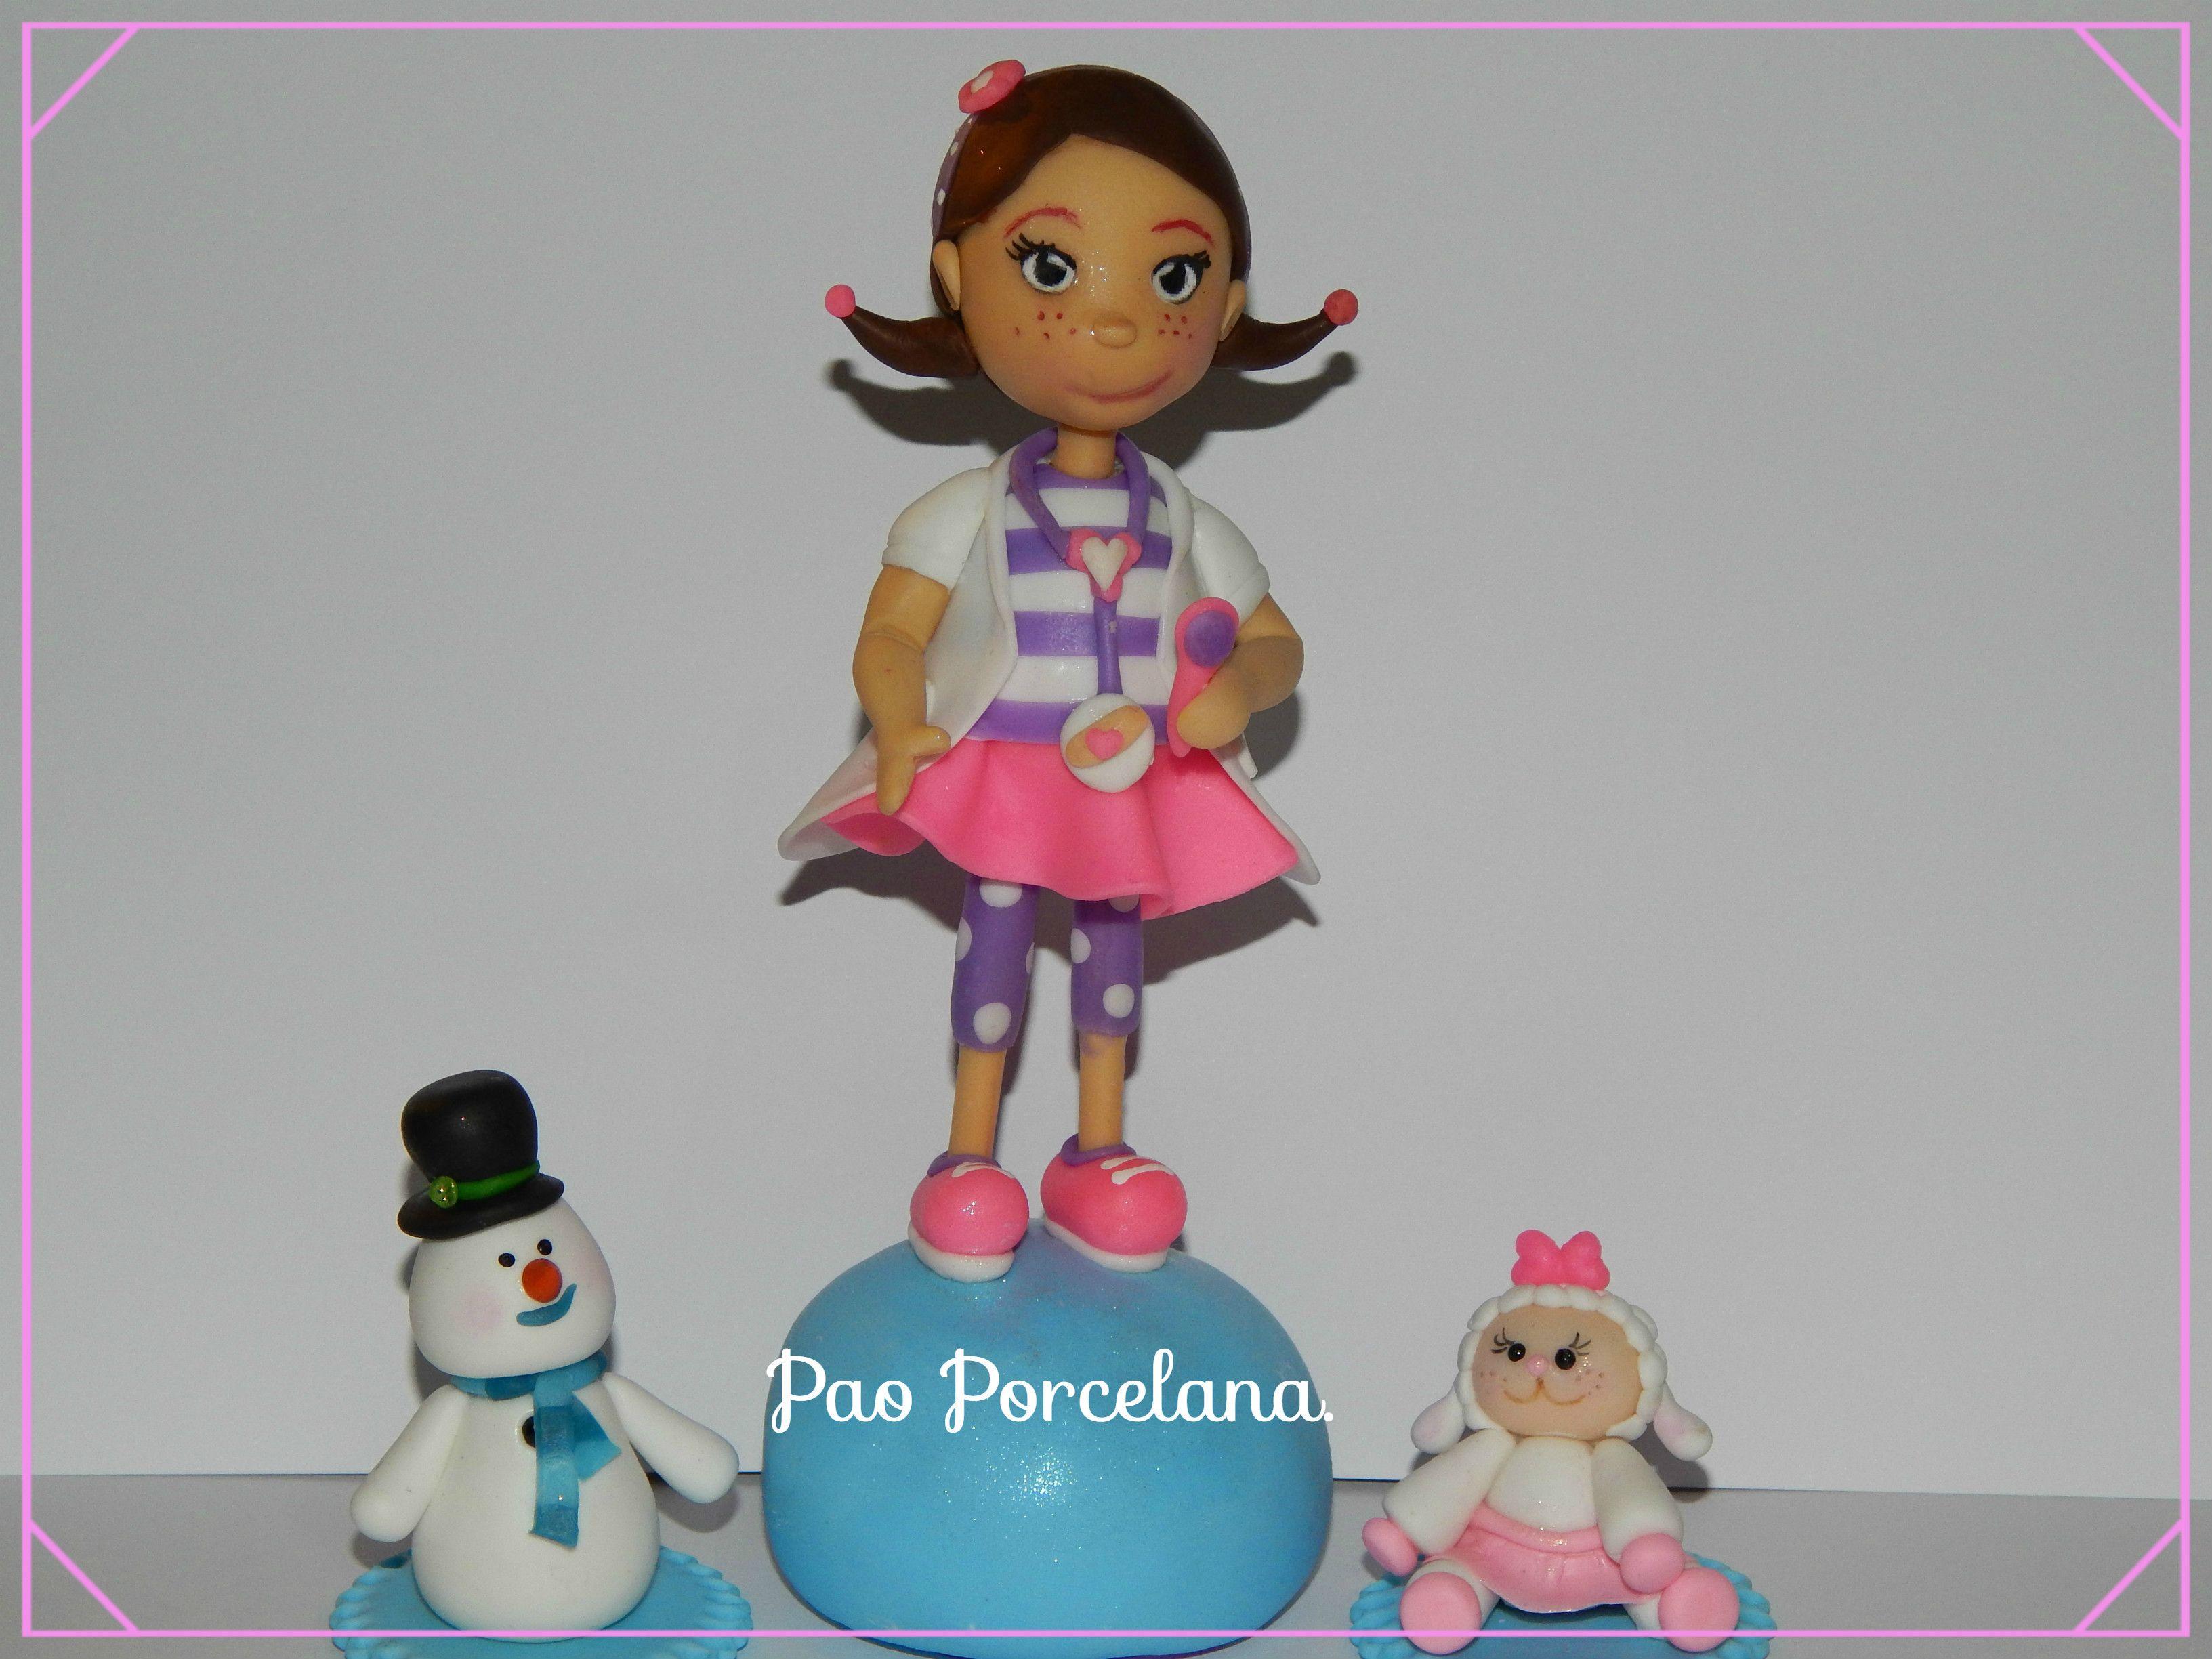 Doctora Juguete y sus amigos,adorno de torta en porcelana fria!